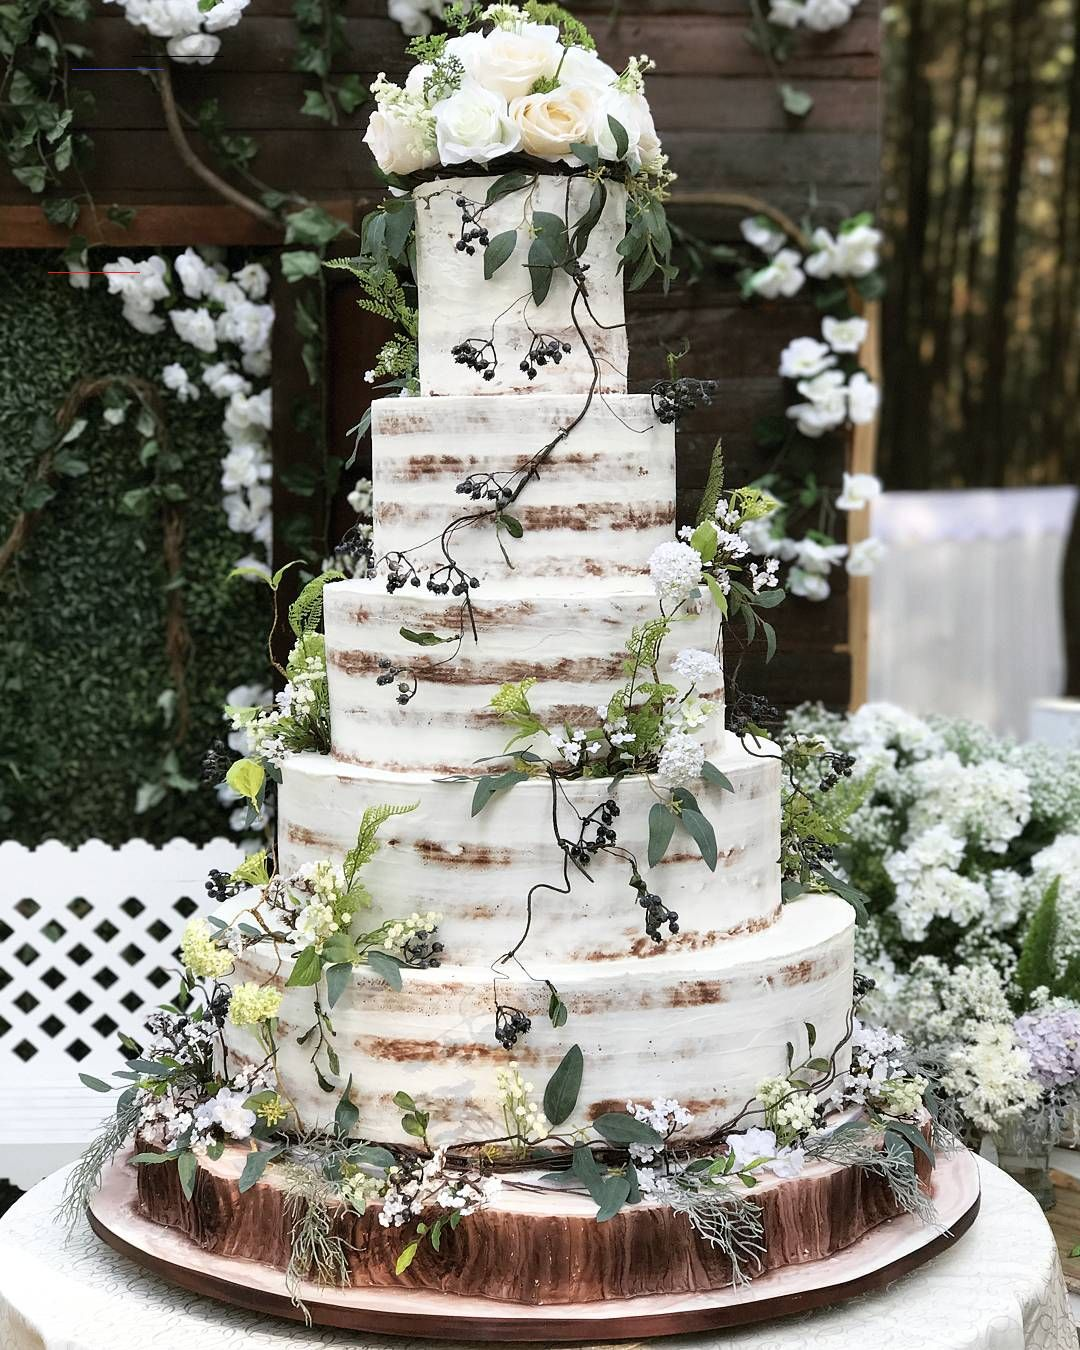 Forestwedding Zauberwald Hochzeit Wedding Ceremony Ideas Traumhochzeit